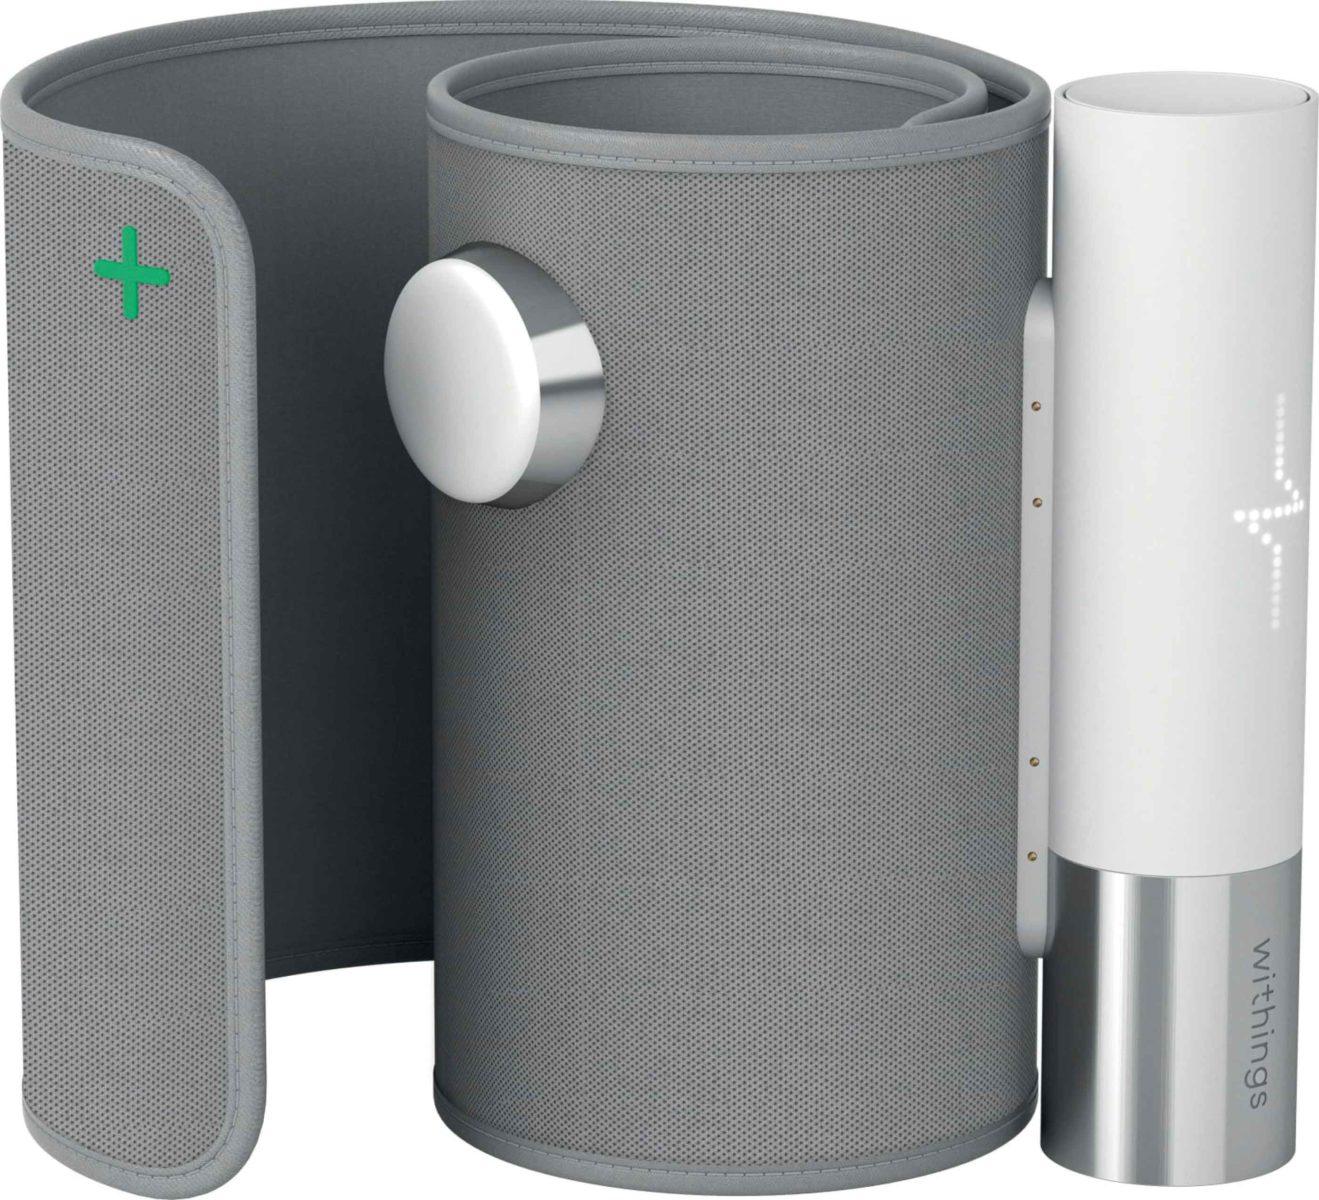 Withings ha presentato due nuovi dispositivi per misurazioni cardiovascolari